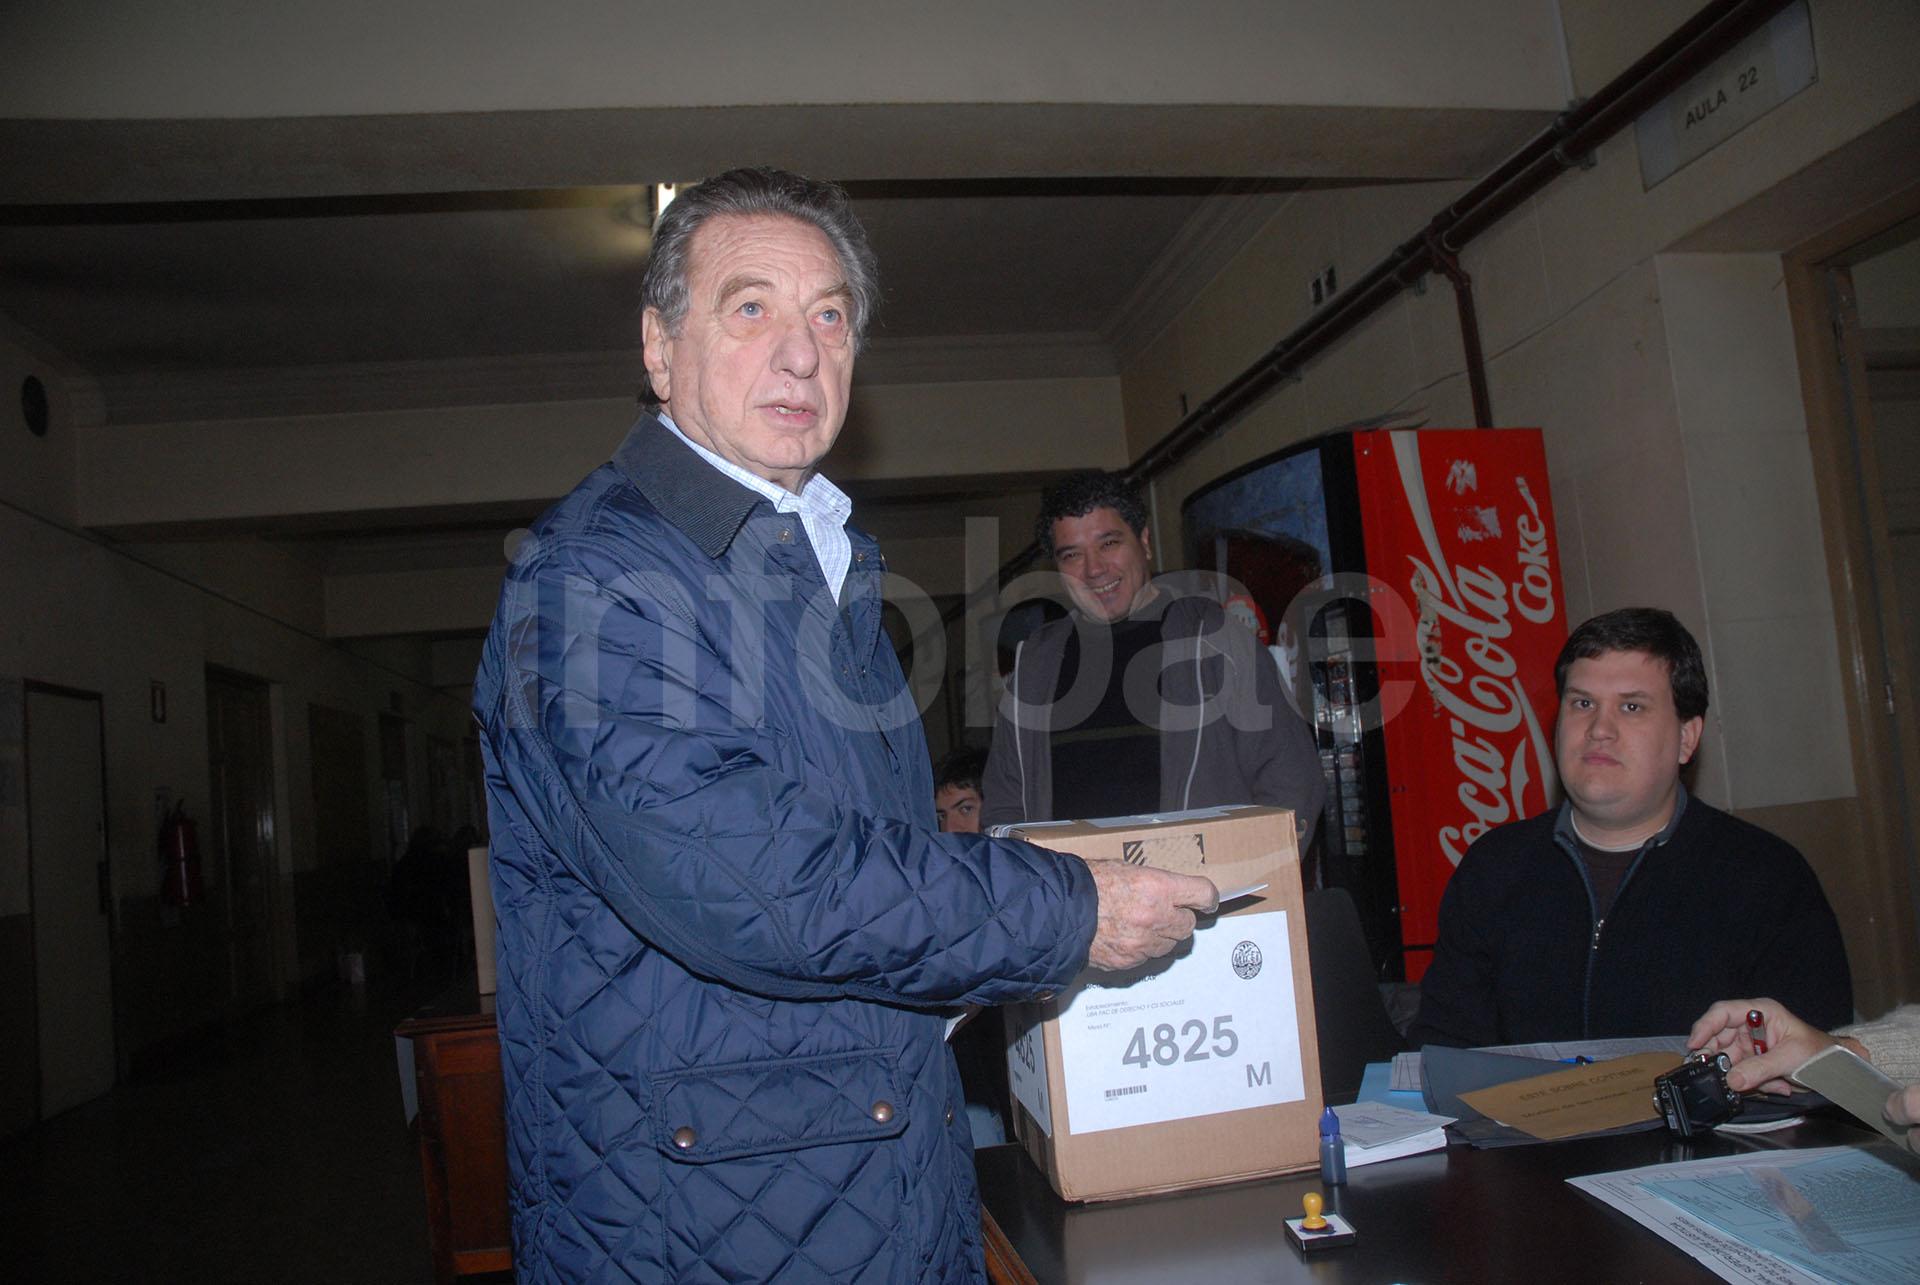 Año 2007. Franco Macri acudió a votar en las elecciones en las que su hijo se terminaría convirtiendo luego en el Jefe de Gobierno de la Ciudad de Buenos Aires (Enrique García Medina)